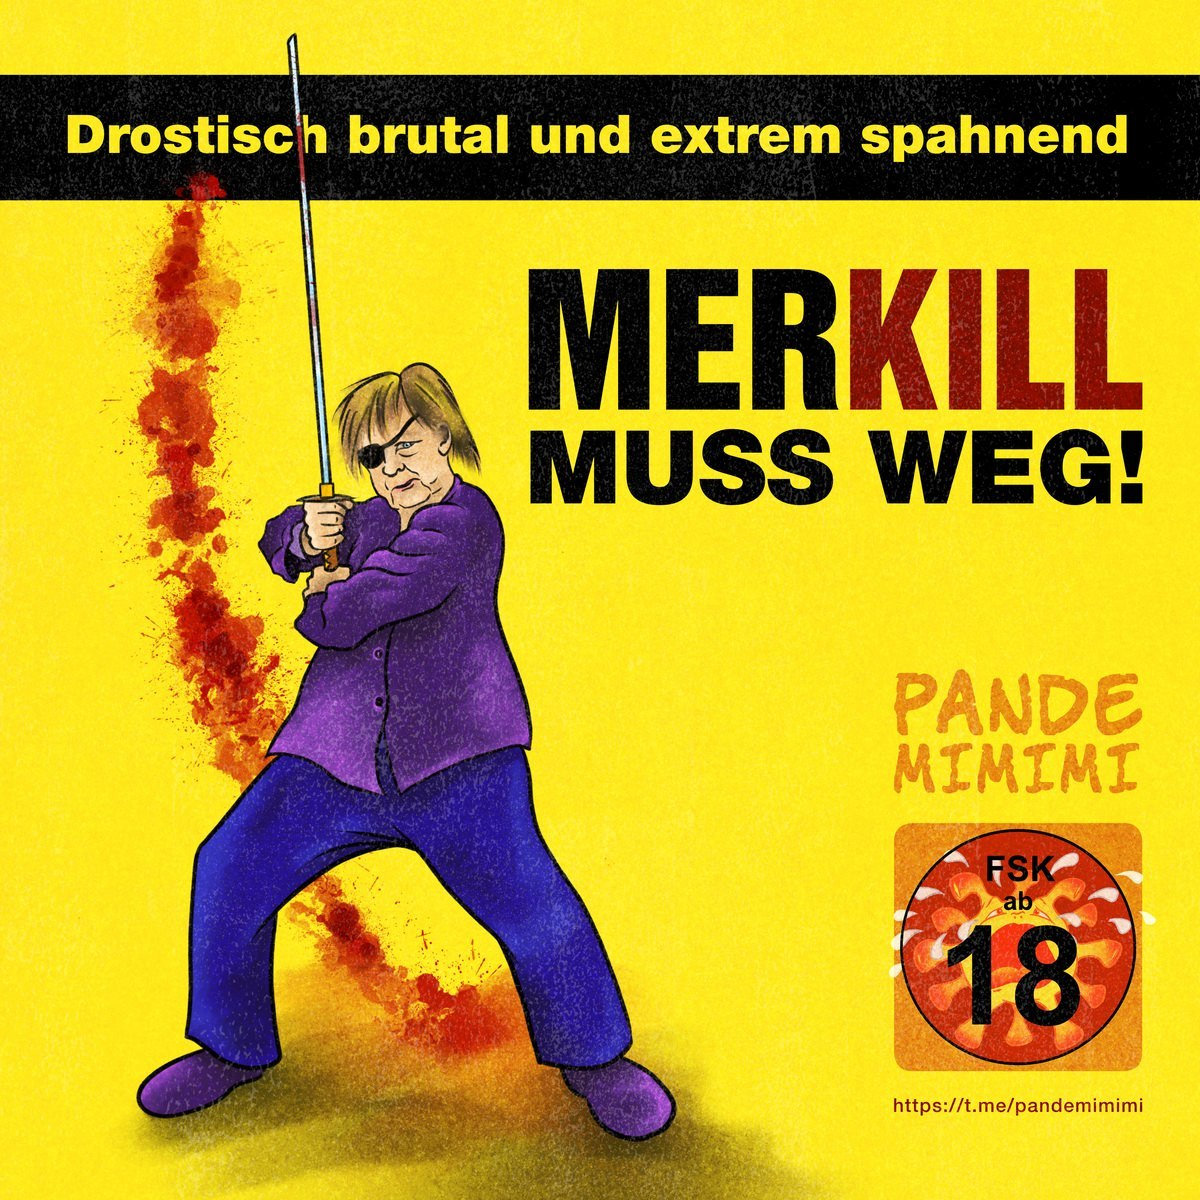 MERKILL muss weg!, 23.02.2021